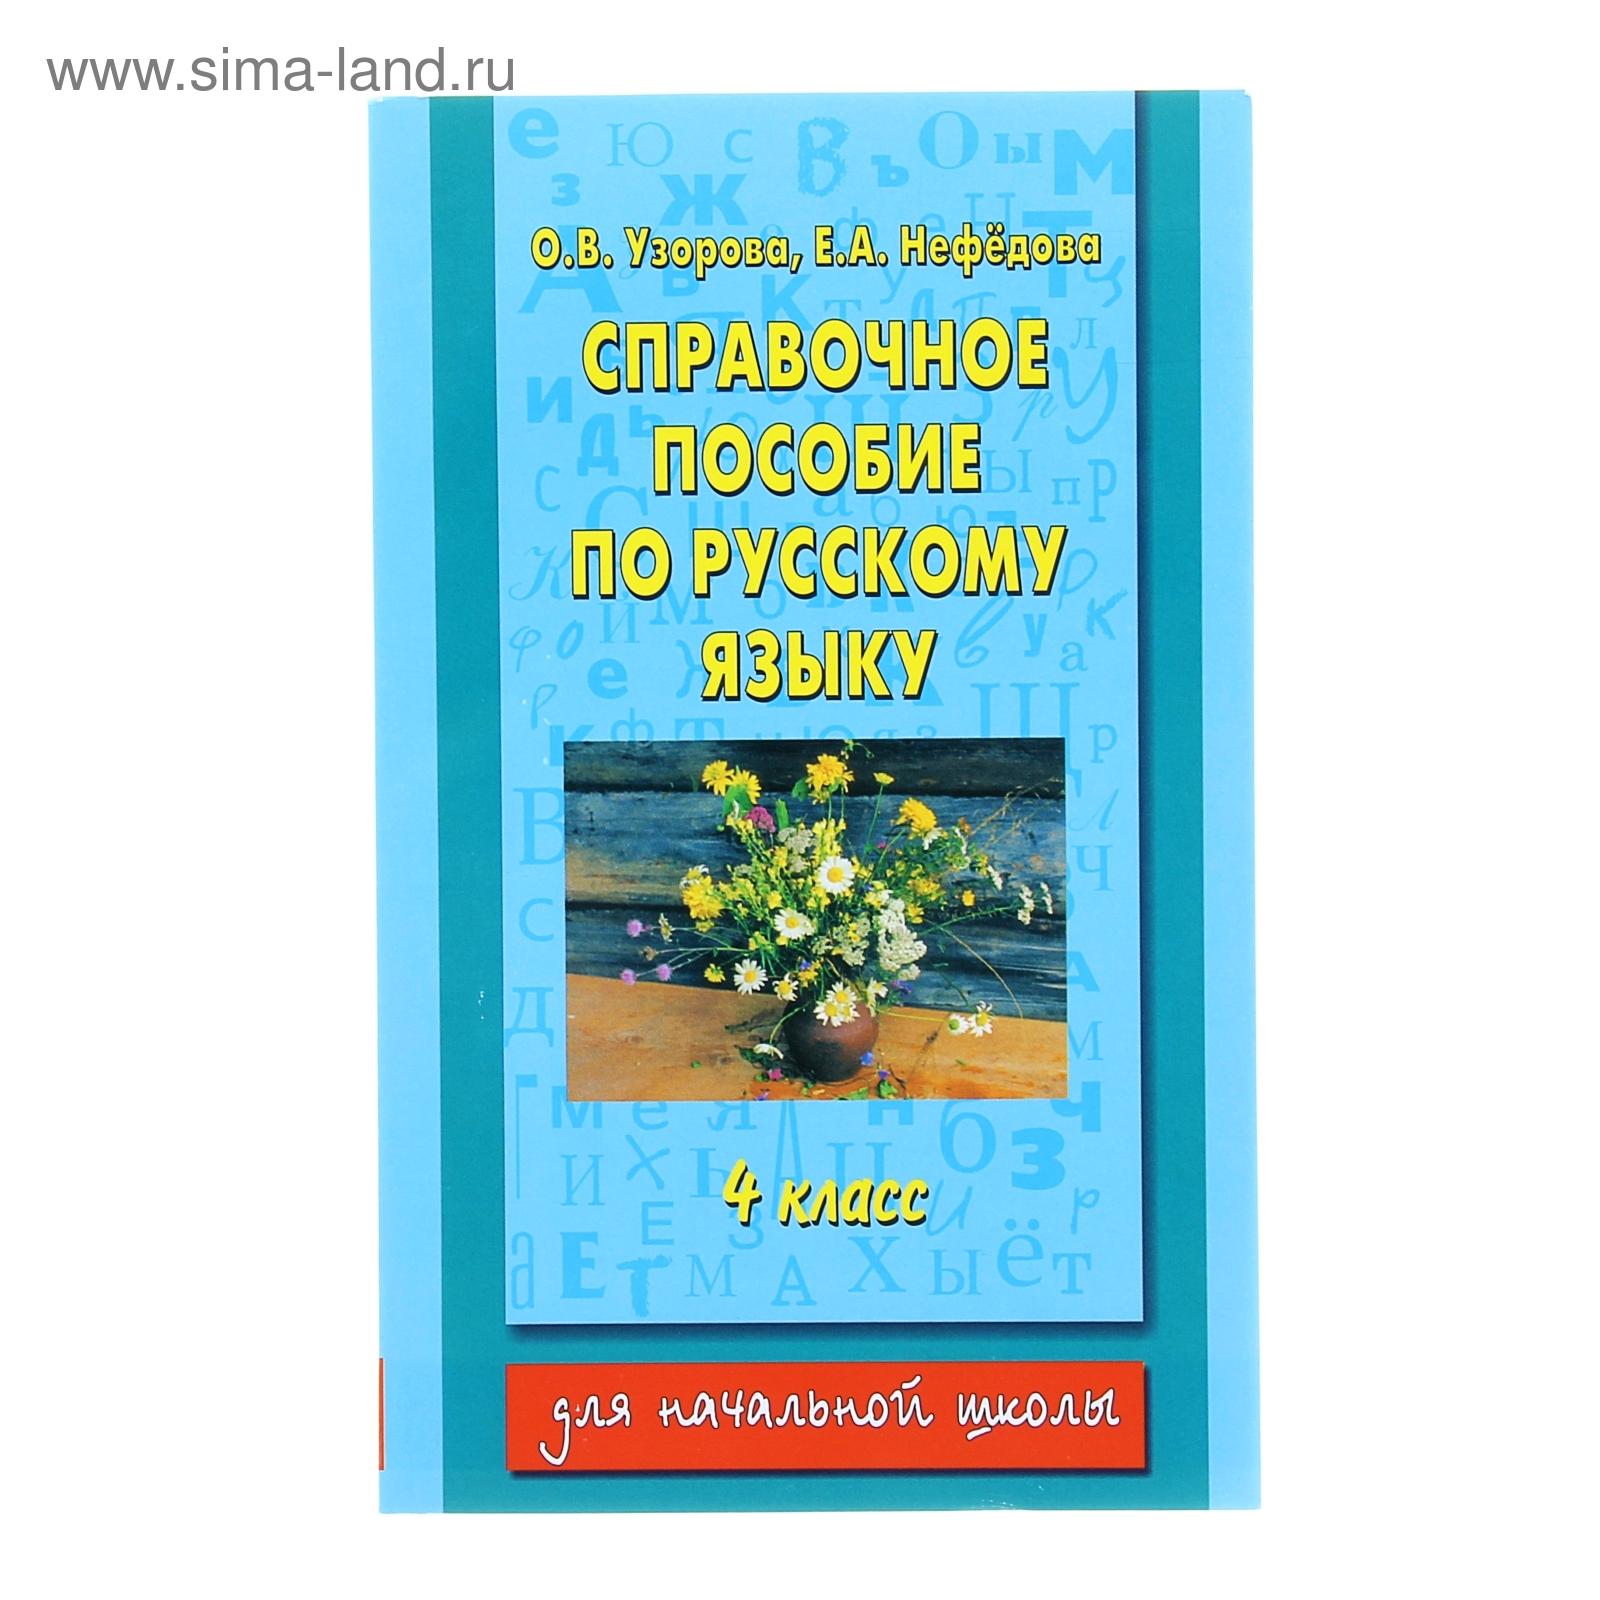 Гдз узорова справочное пособие по русскому 4 класс скачать бесплатно